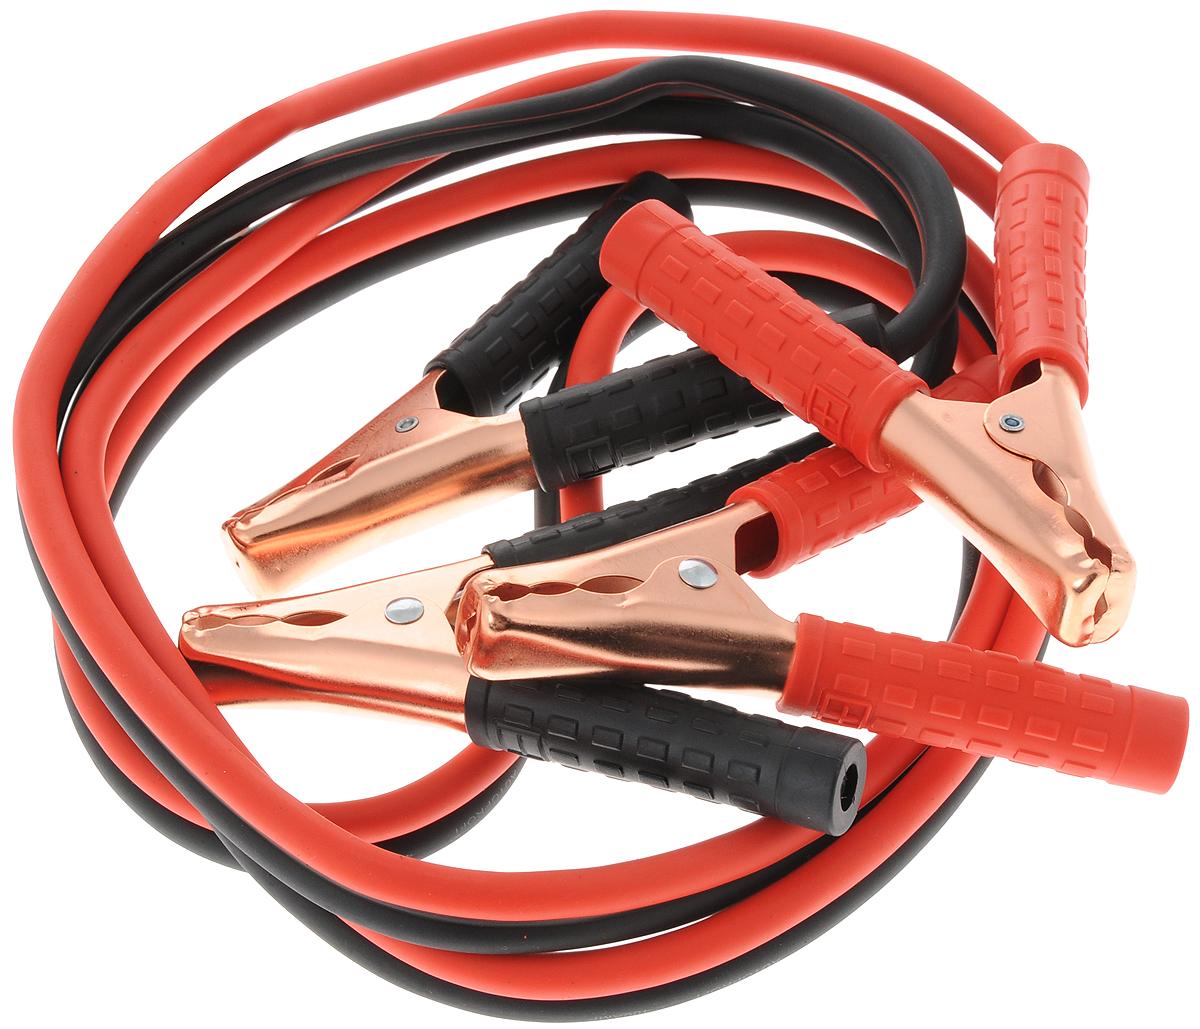 цена на Провода прикуривания Autoprofi Аллигатор, алюминиевые, морозостойкие, 400 А, 2,5 м